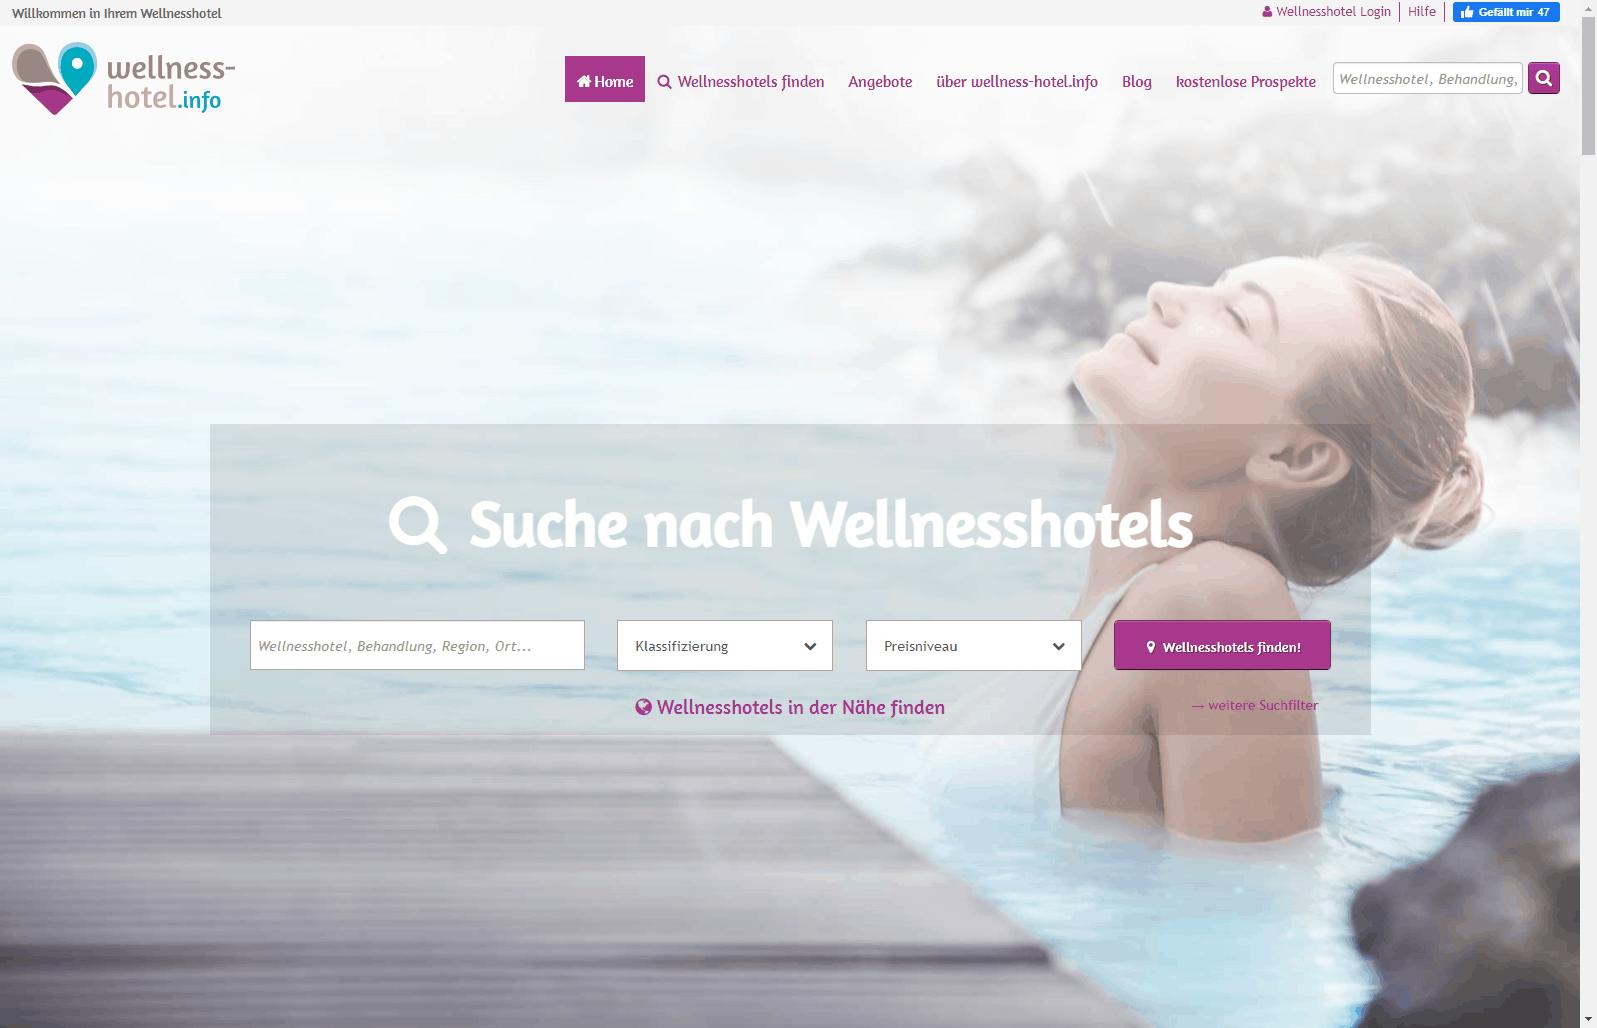 Hero-Bild volle Höhe mit Transparenz im Branchenportal wellness-hotel.info